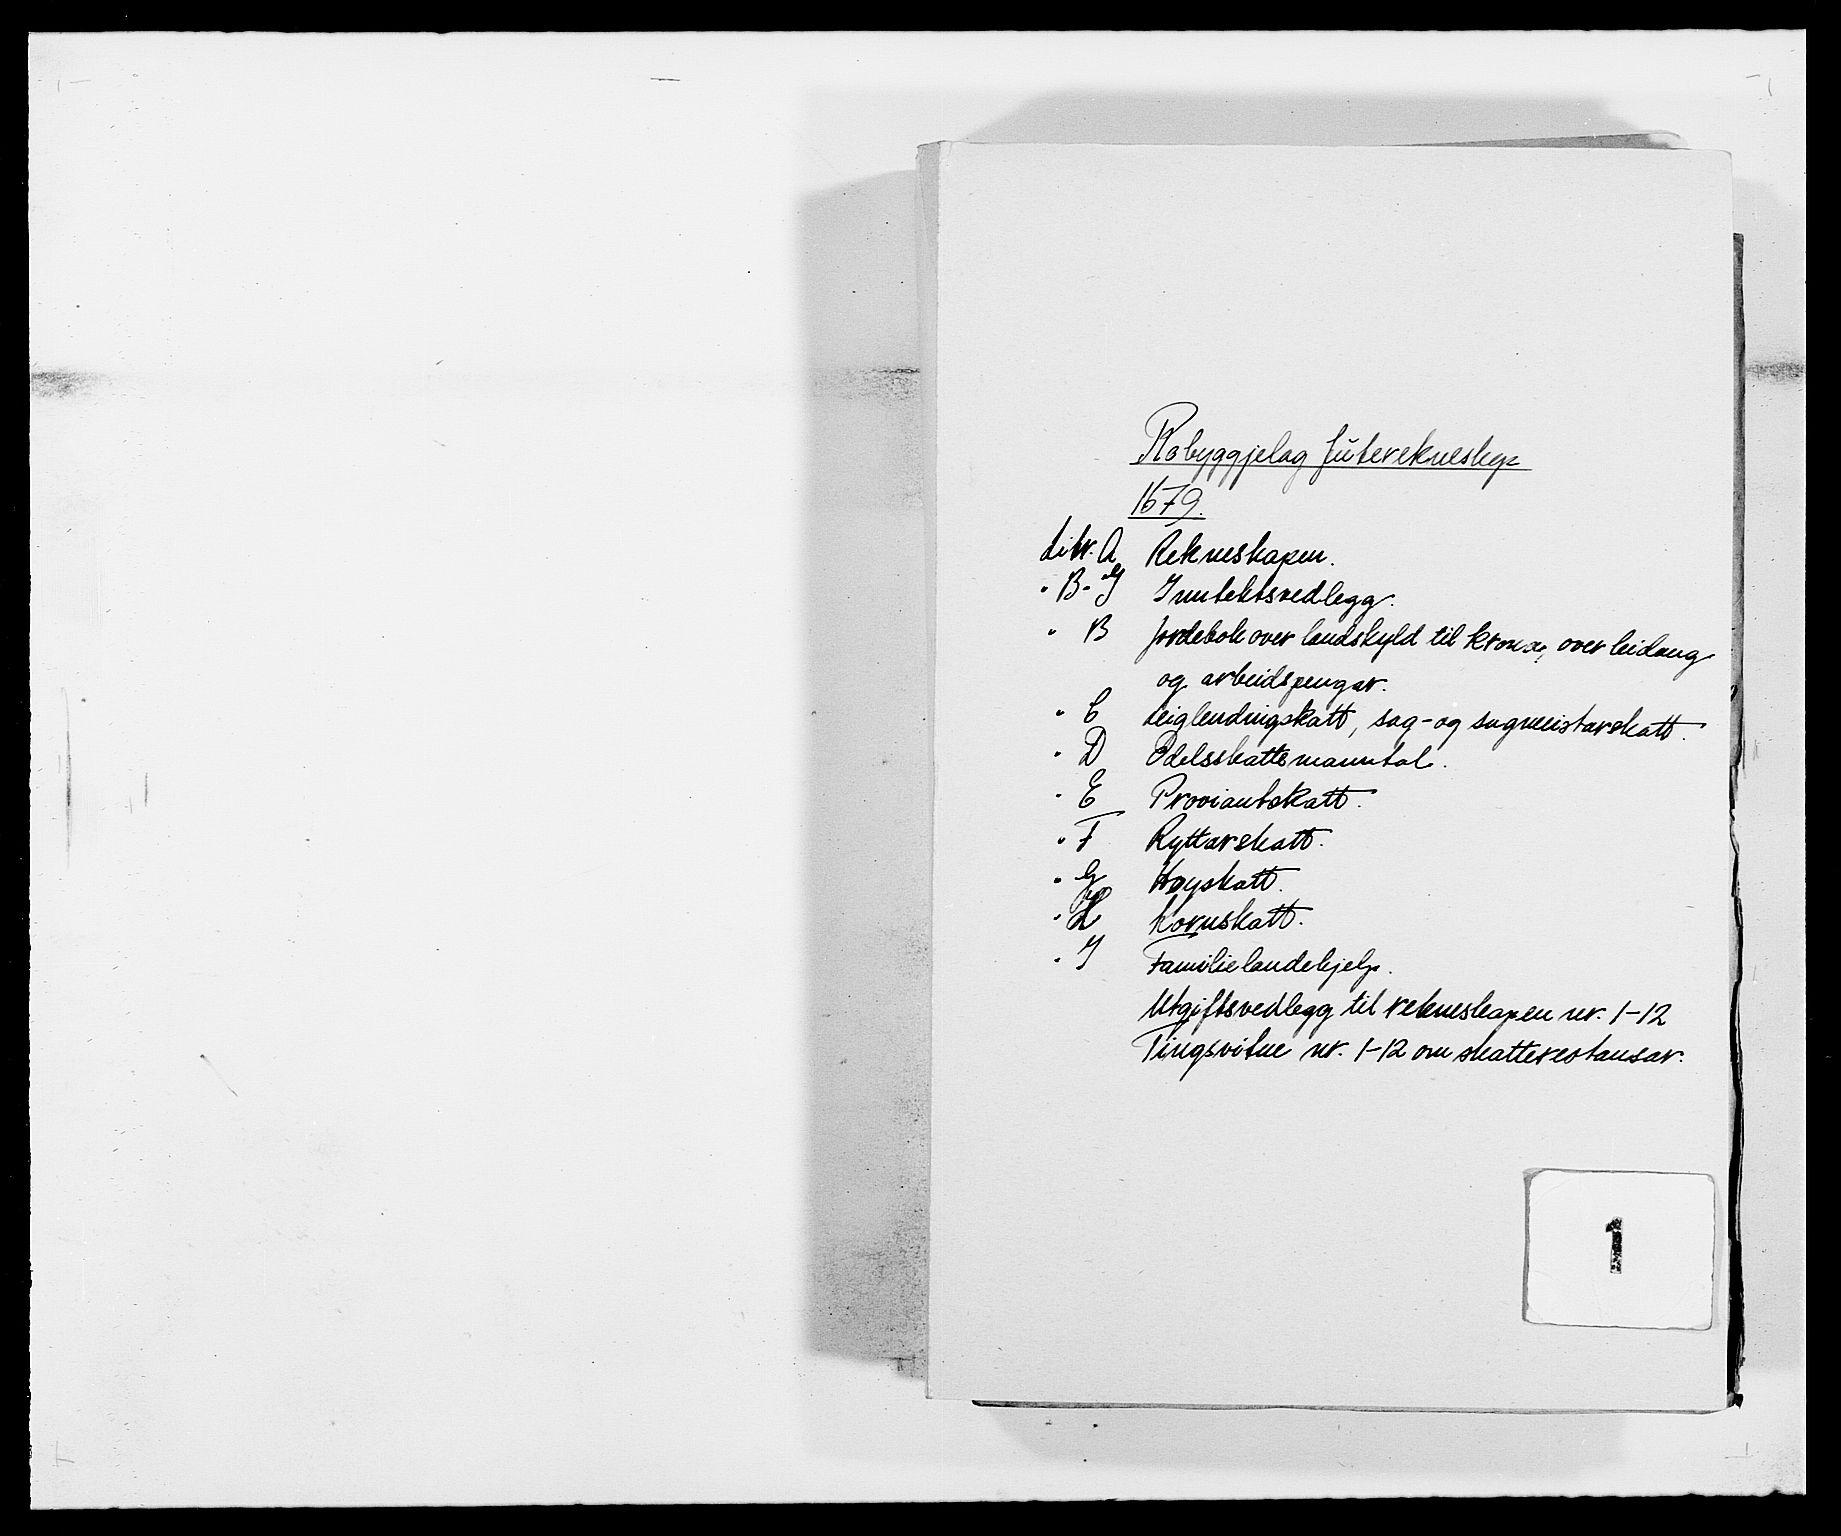 RA, Rentekammeret inntil 1814, Reviderte regnskaper, Fogderegnskap, R40/L2436: Fogderegnskap Råbyggelag, 1679-1680, s. 1